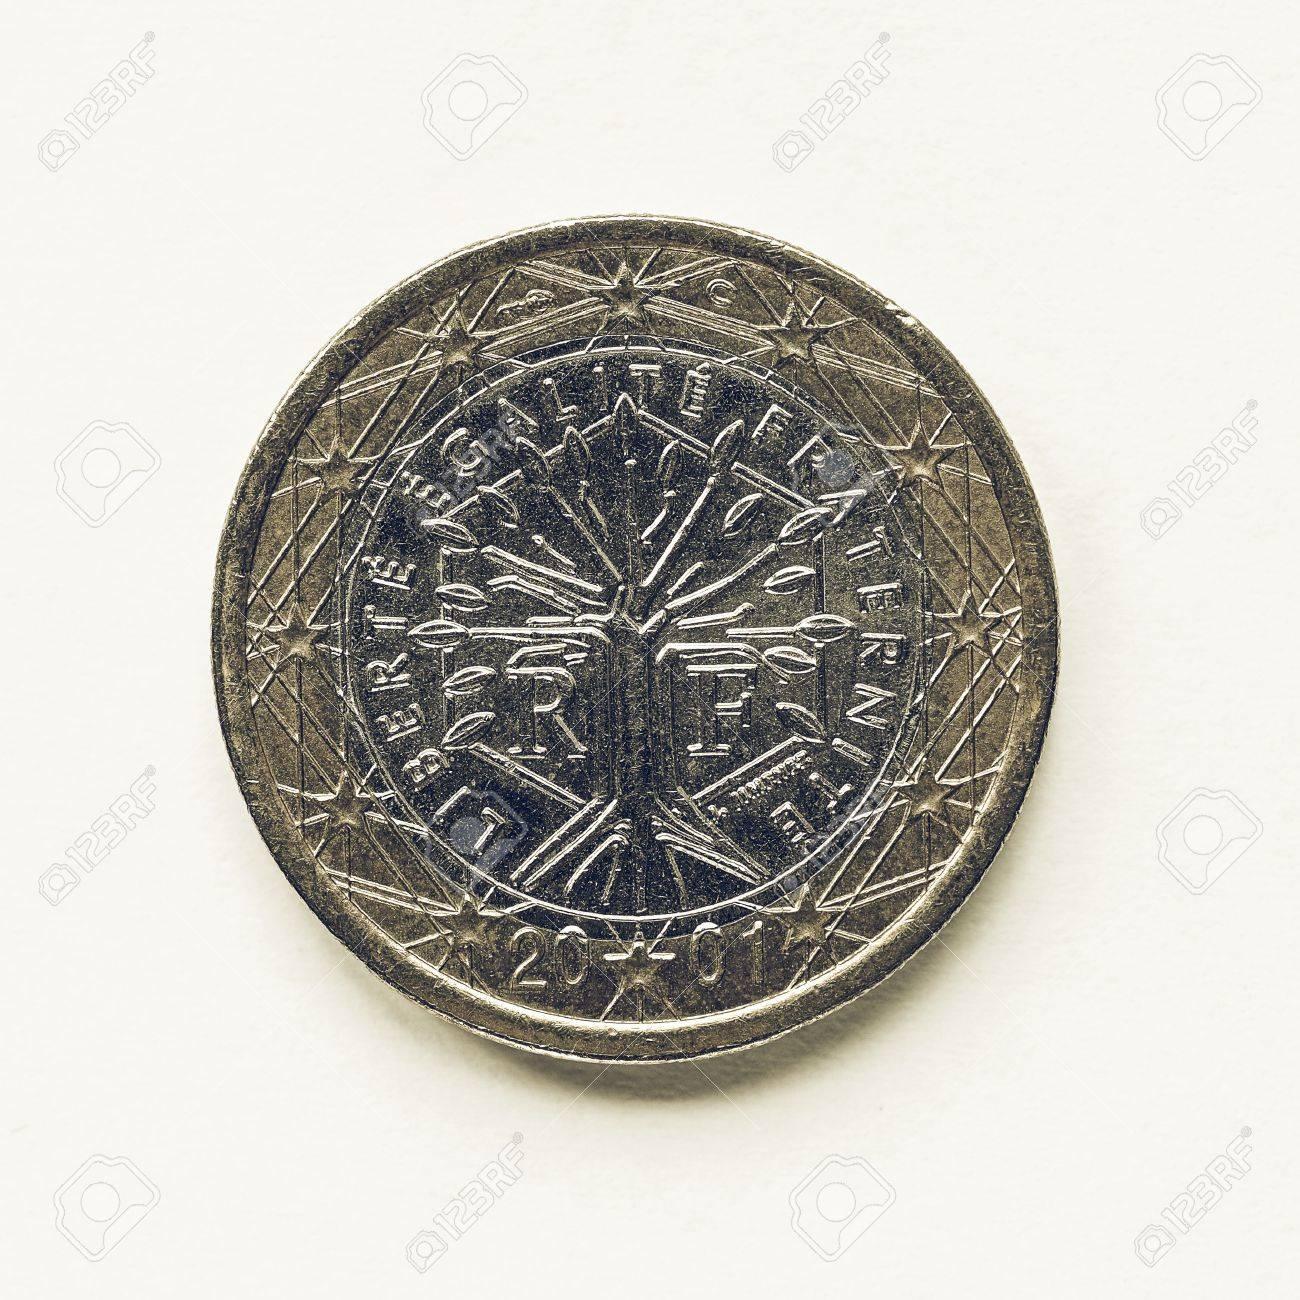 Vintage Aussehende Währung Von Europa 1 Euro Münze Aus Frankreich